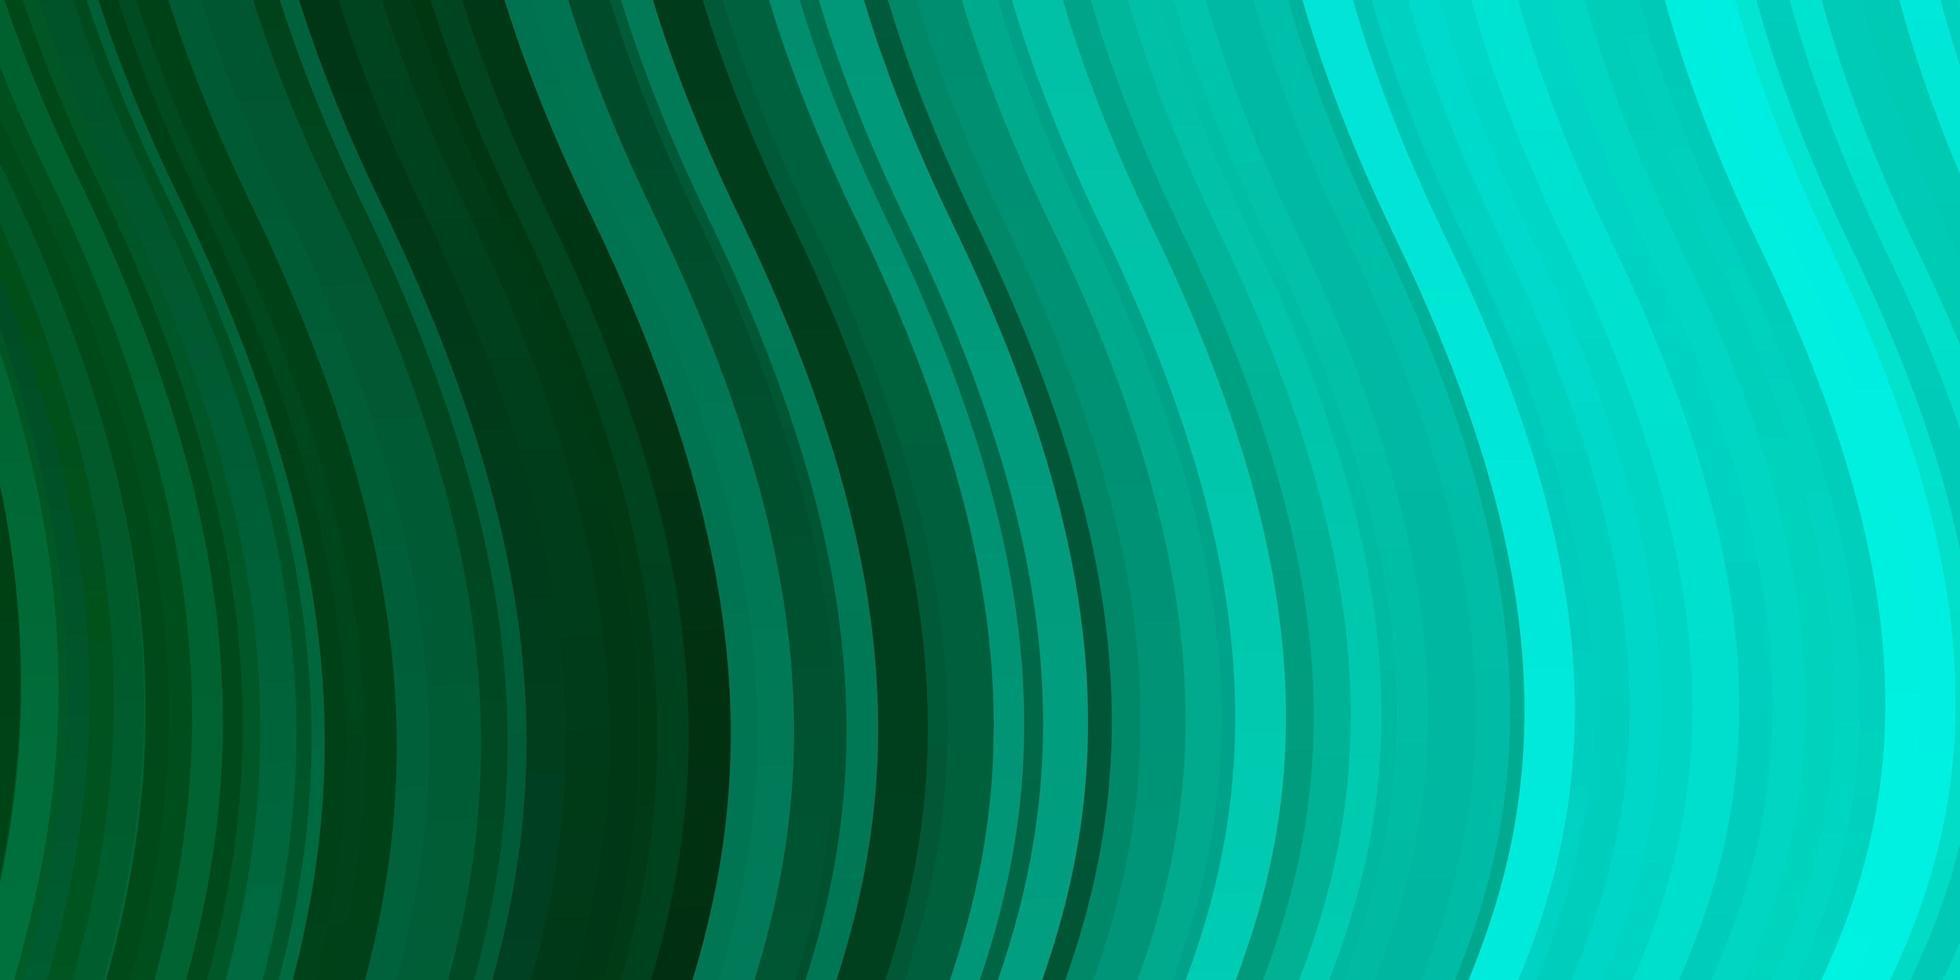 hellgrüner Vektorhintergrund mit Kreisbogen. vektor